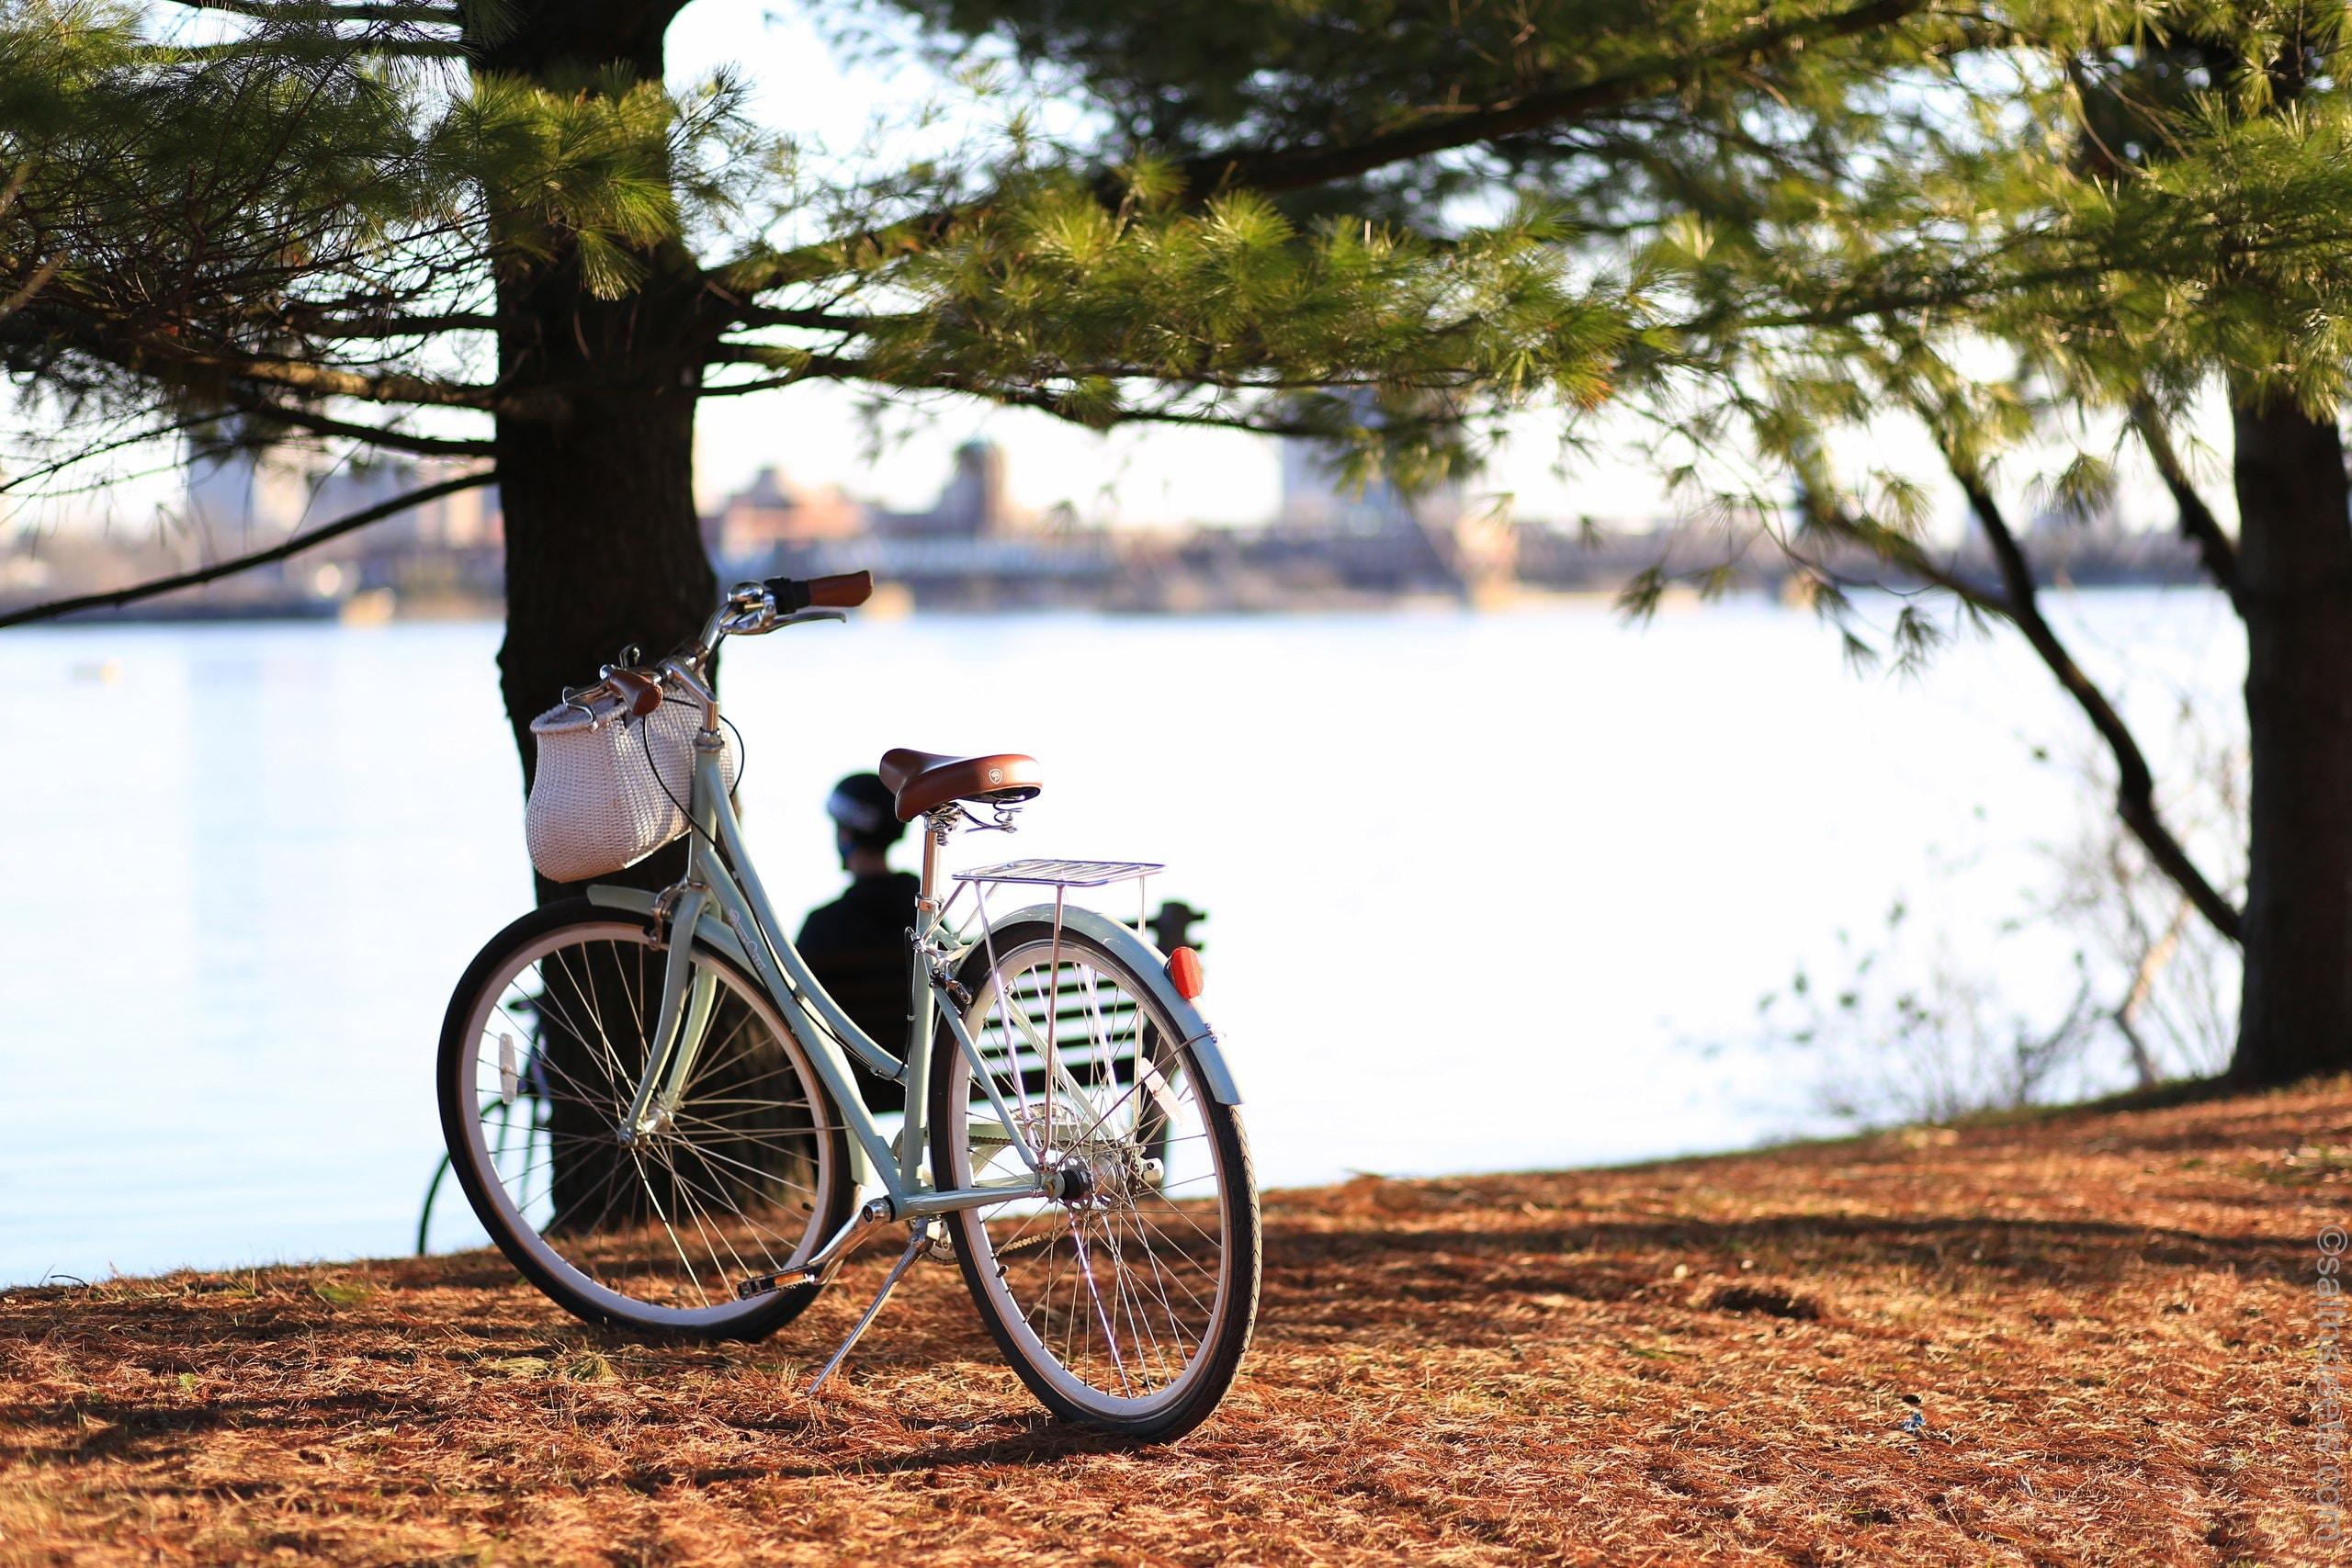 OttawaRiverBicycle.jpg